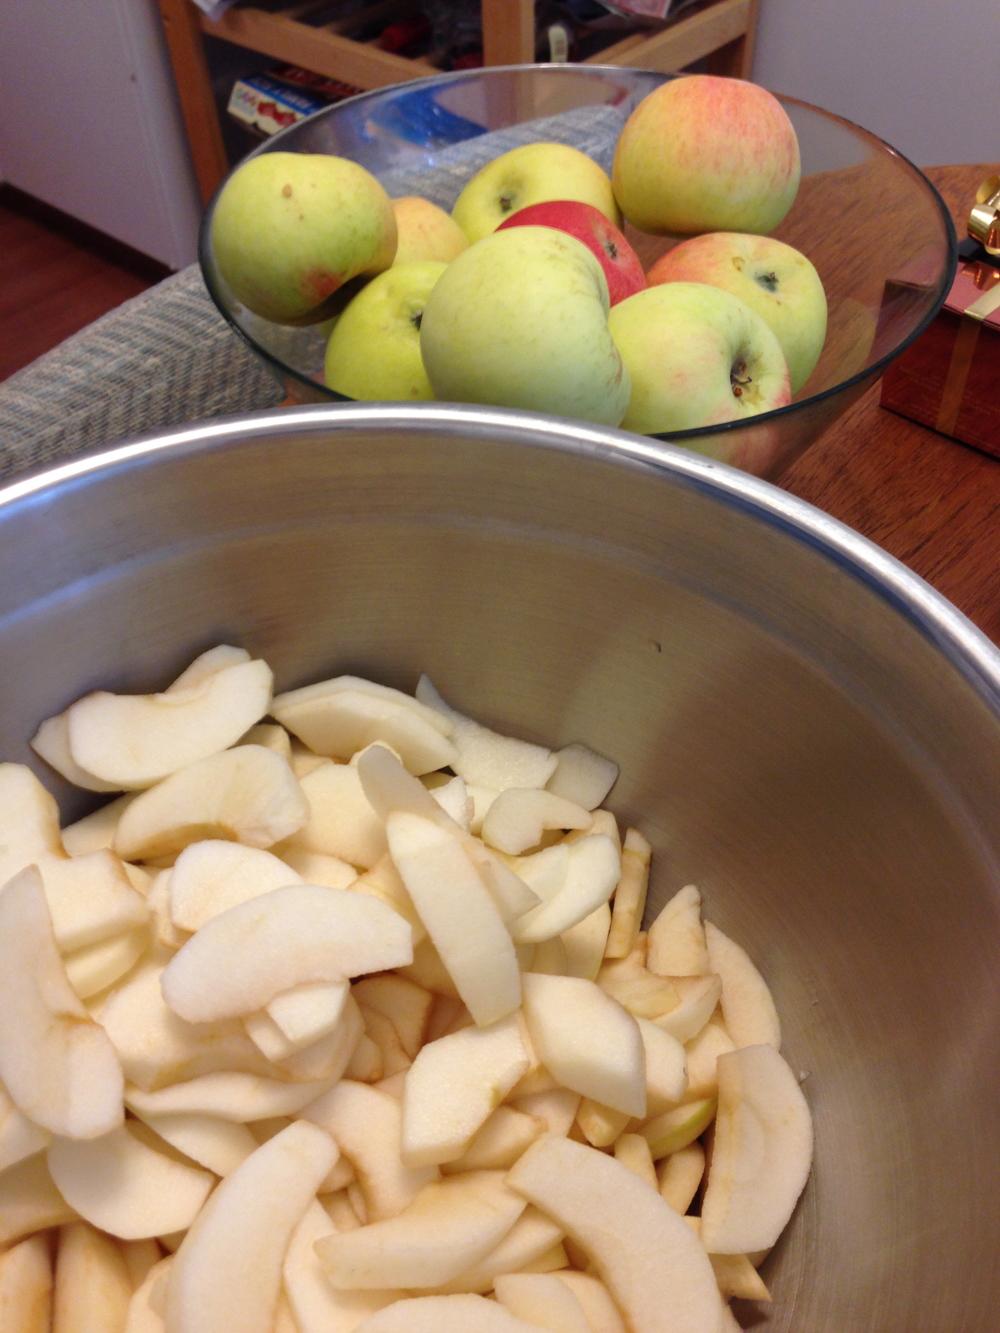 So Many Apples